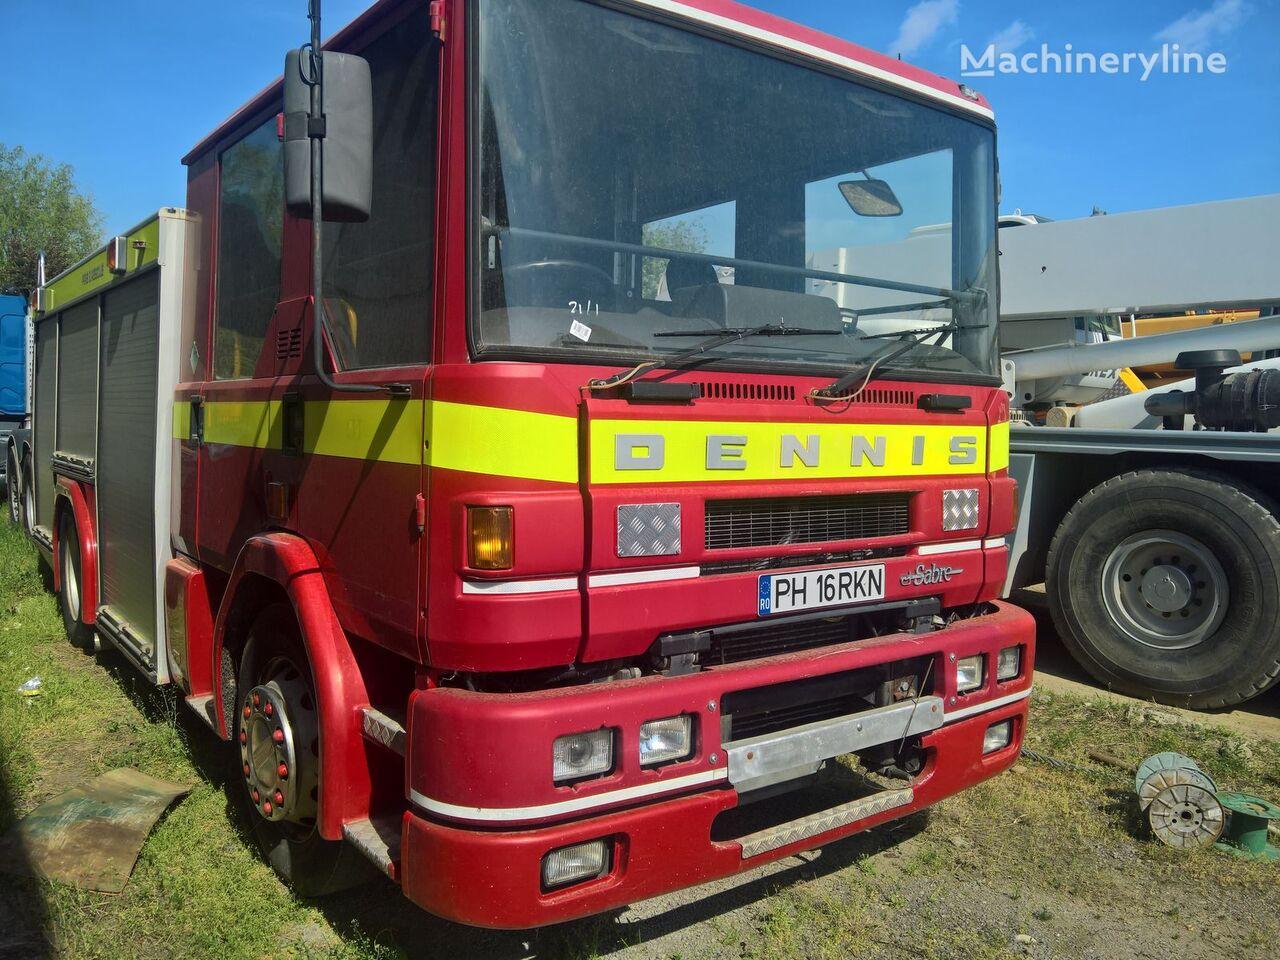 Dennis Sabre fire truck